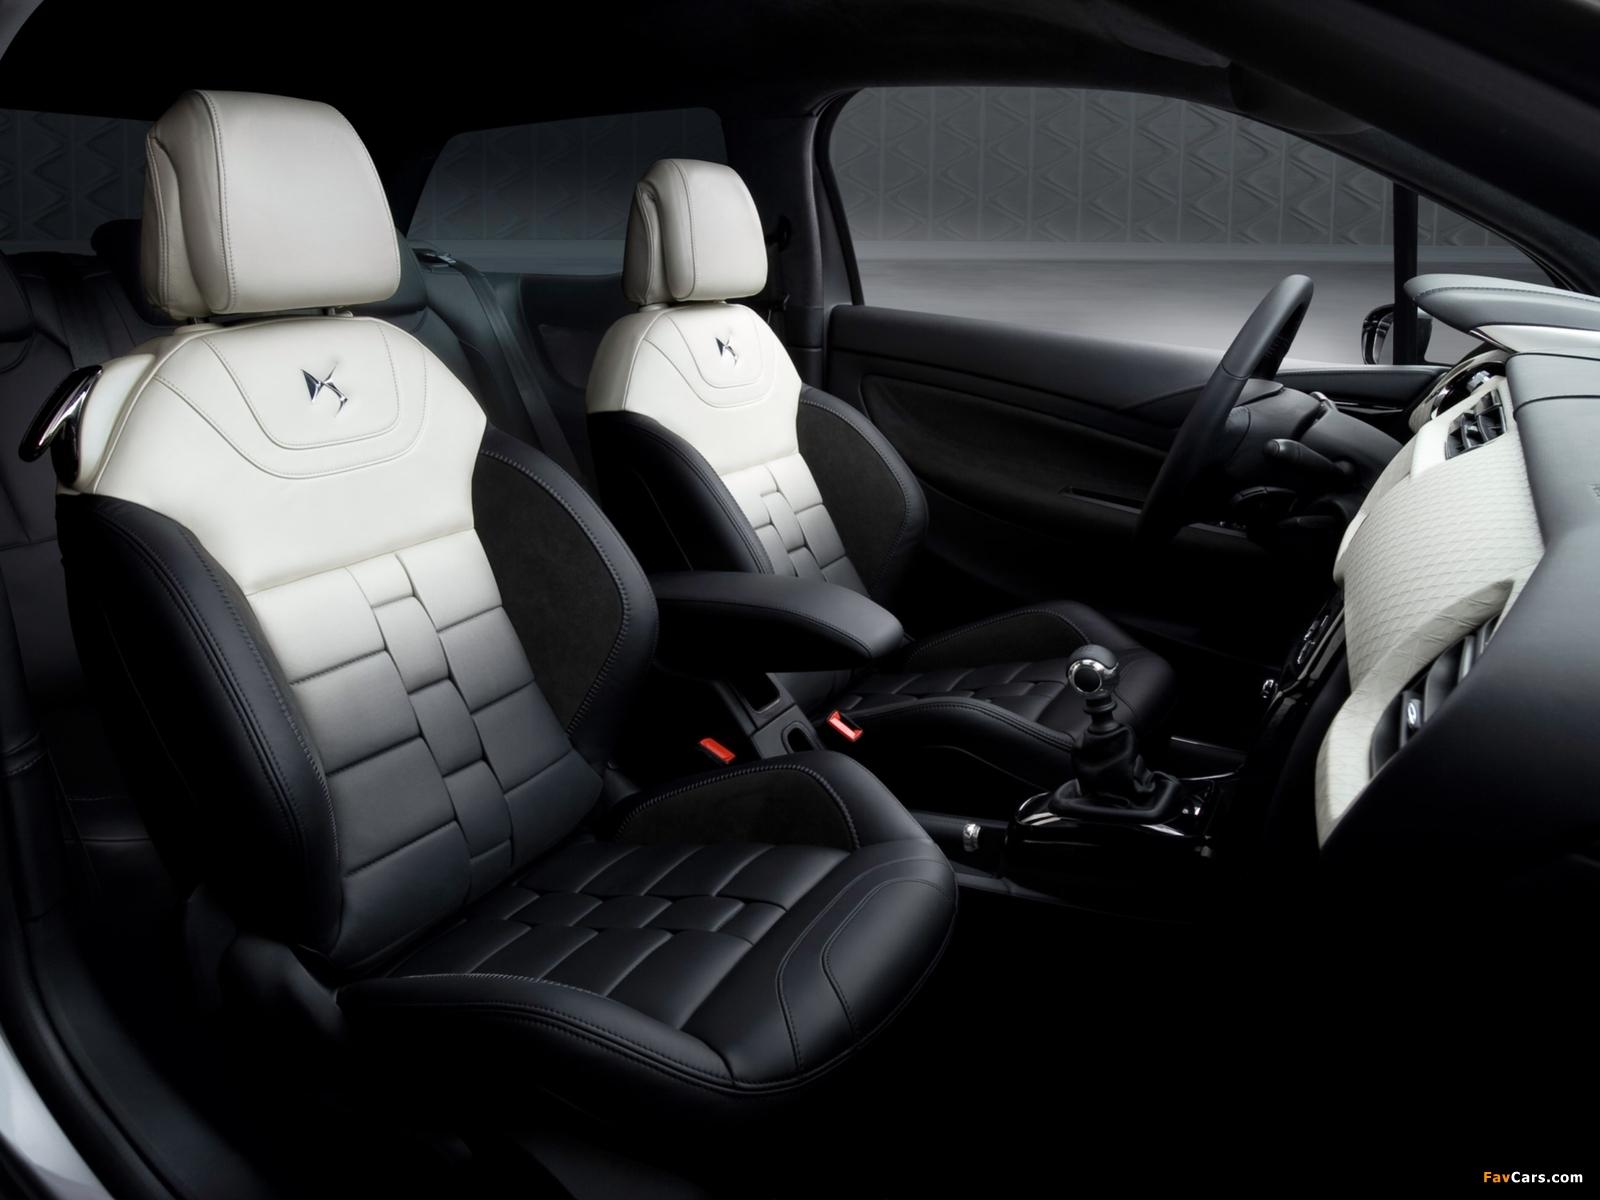 Citroën DS Inside Concept 2009 pictures (1600 x 1200)